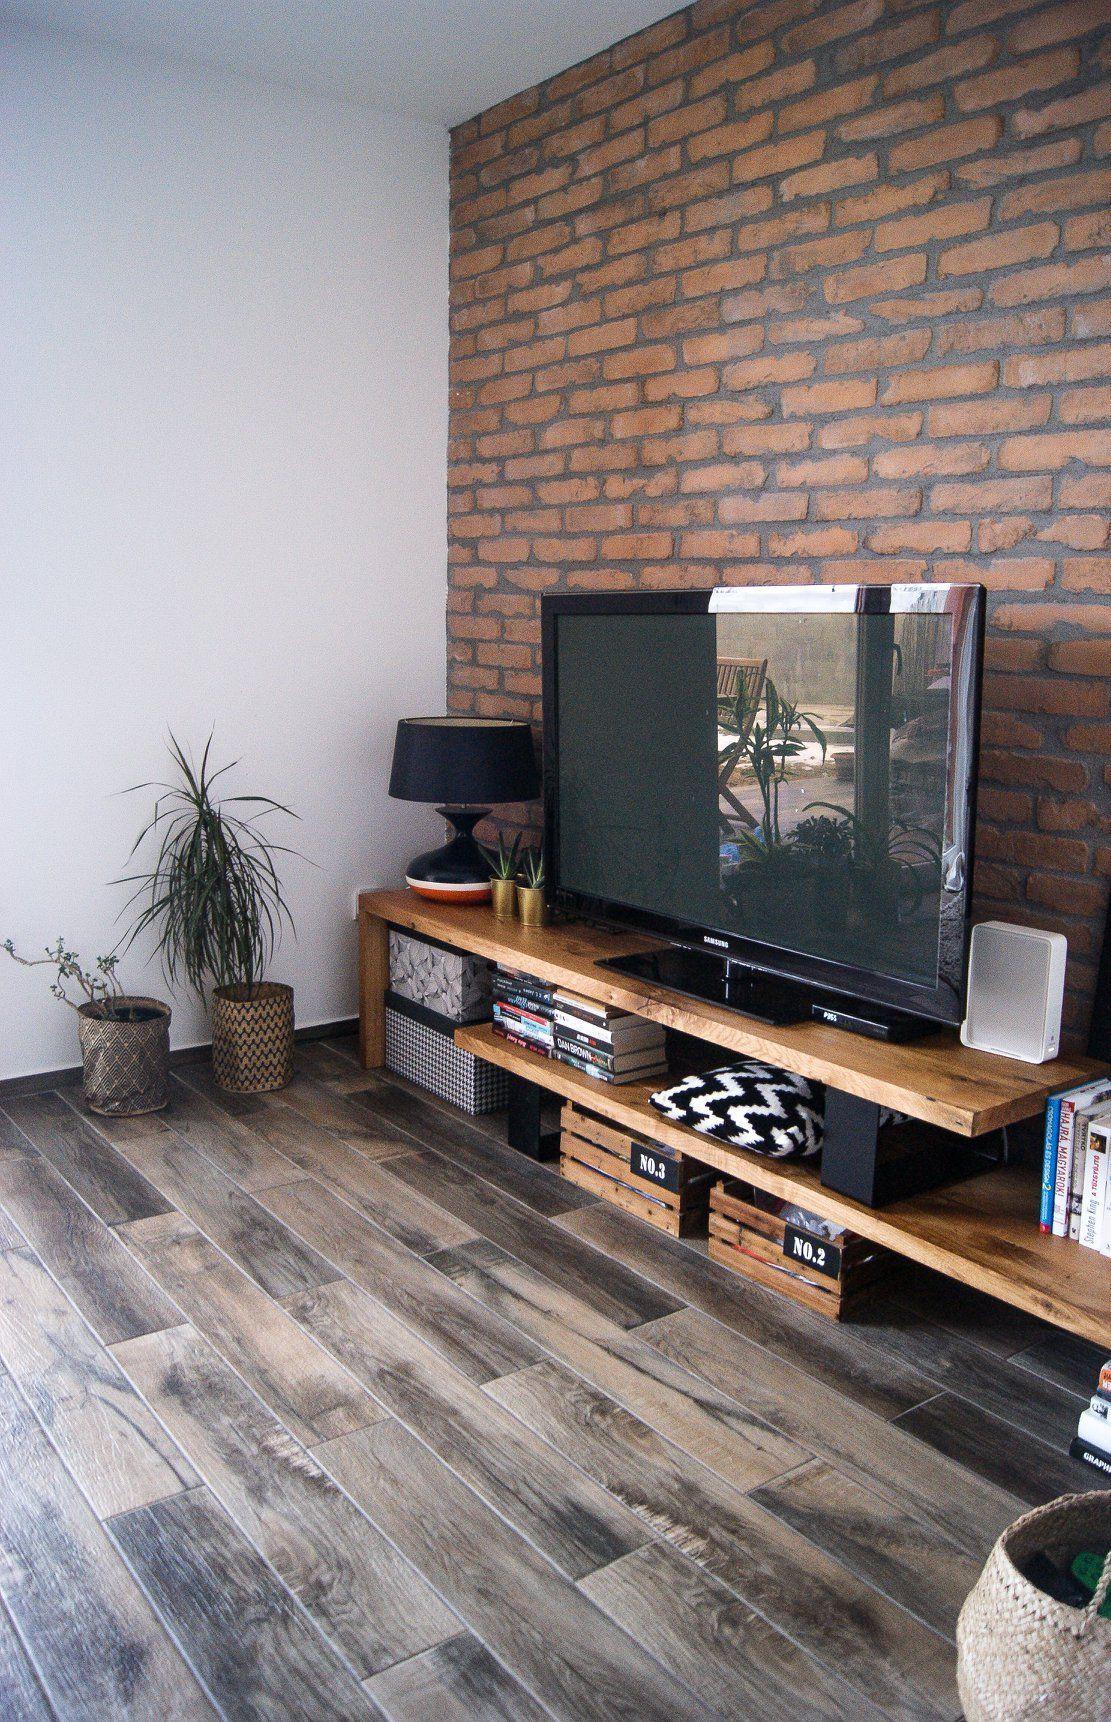 industriedesign wohnzimmer in 2020 | brick living room